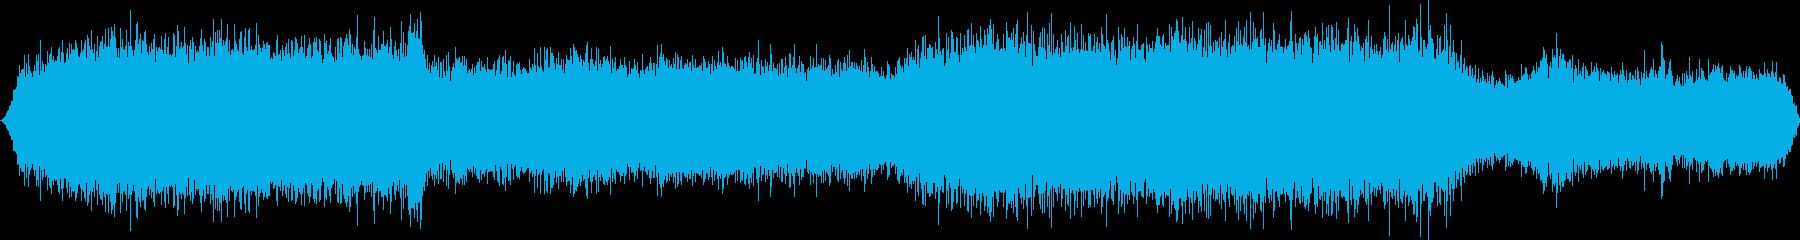 大型コンバインハーベスター:Int...の再生済みの波形